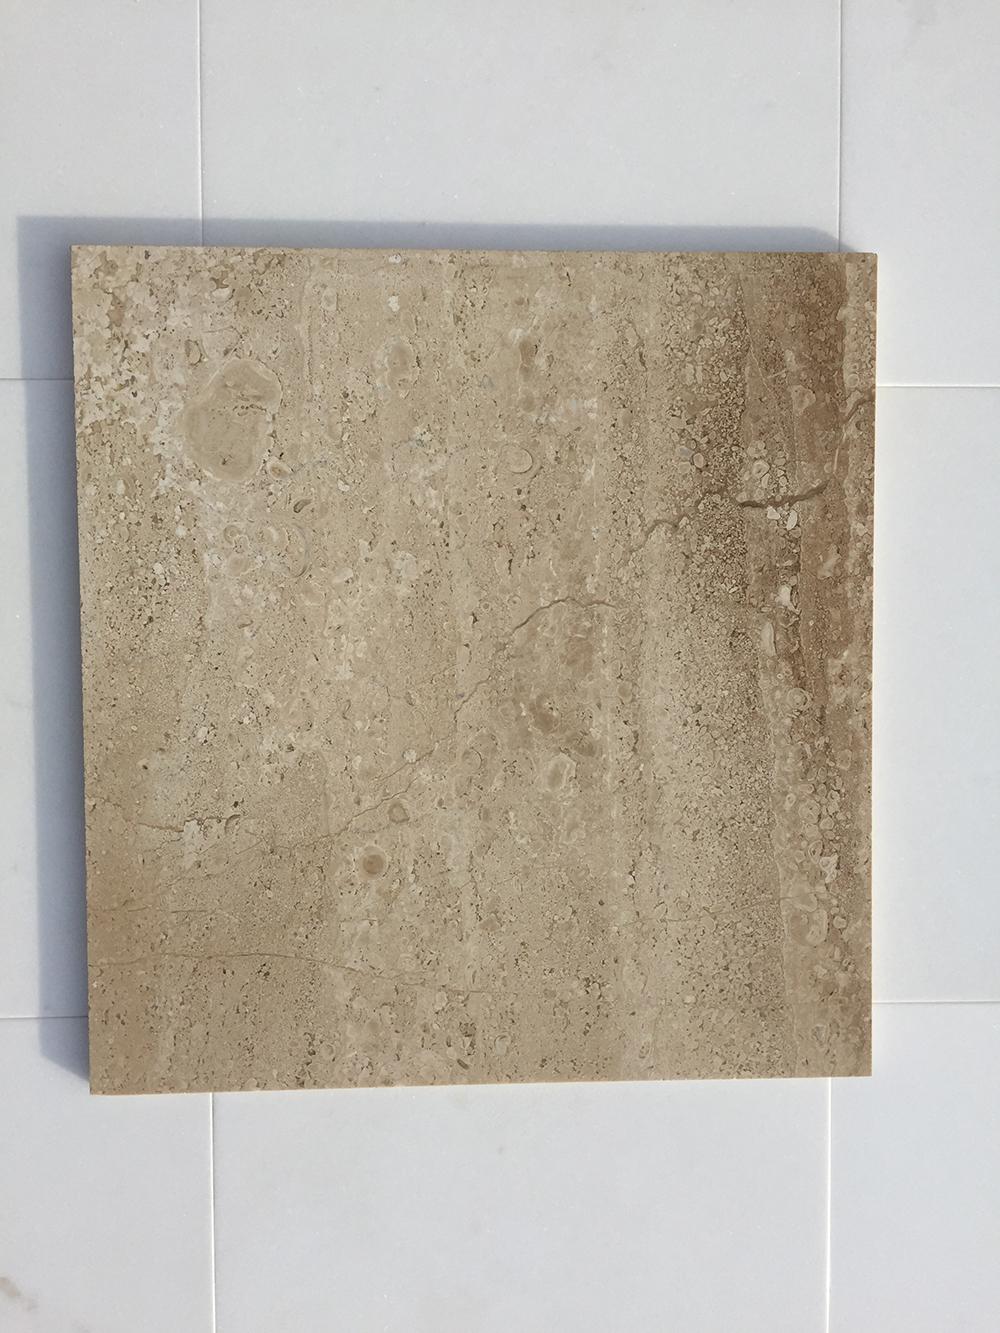 Breccia Fényes v. Matt Mészkő Nagyon nagy mennyiségben elérhető  30,5×30,5×1 cm  61×30,5×1 cm  40x40x1 cm  40x40x2 cm  30x változó hossz x 1,5 cm Azonnal Elérhető